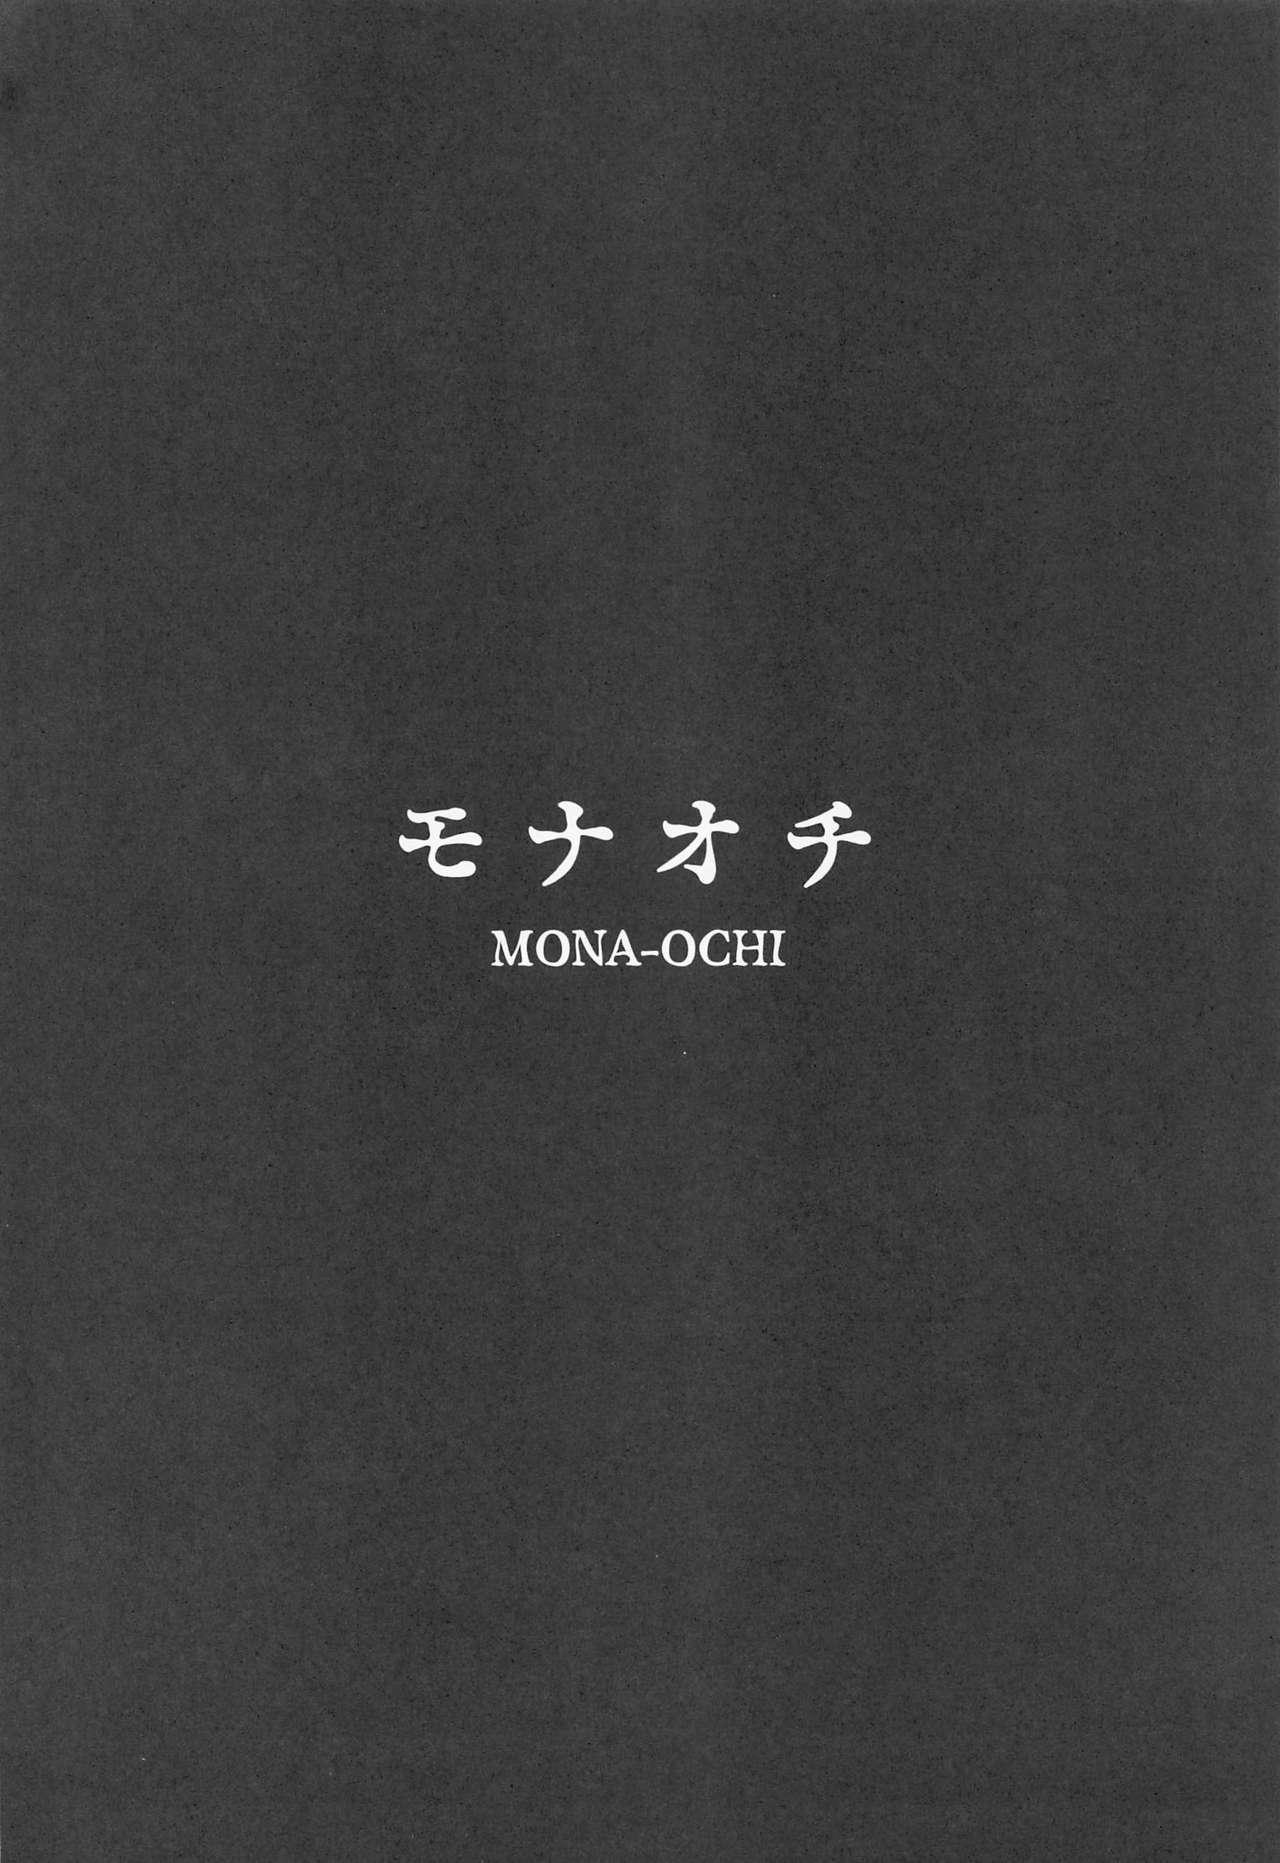 MONA-OCHI | Mona's Fall 2